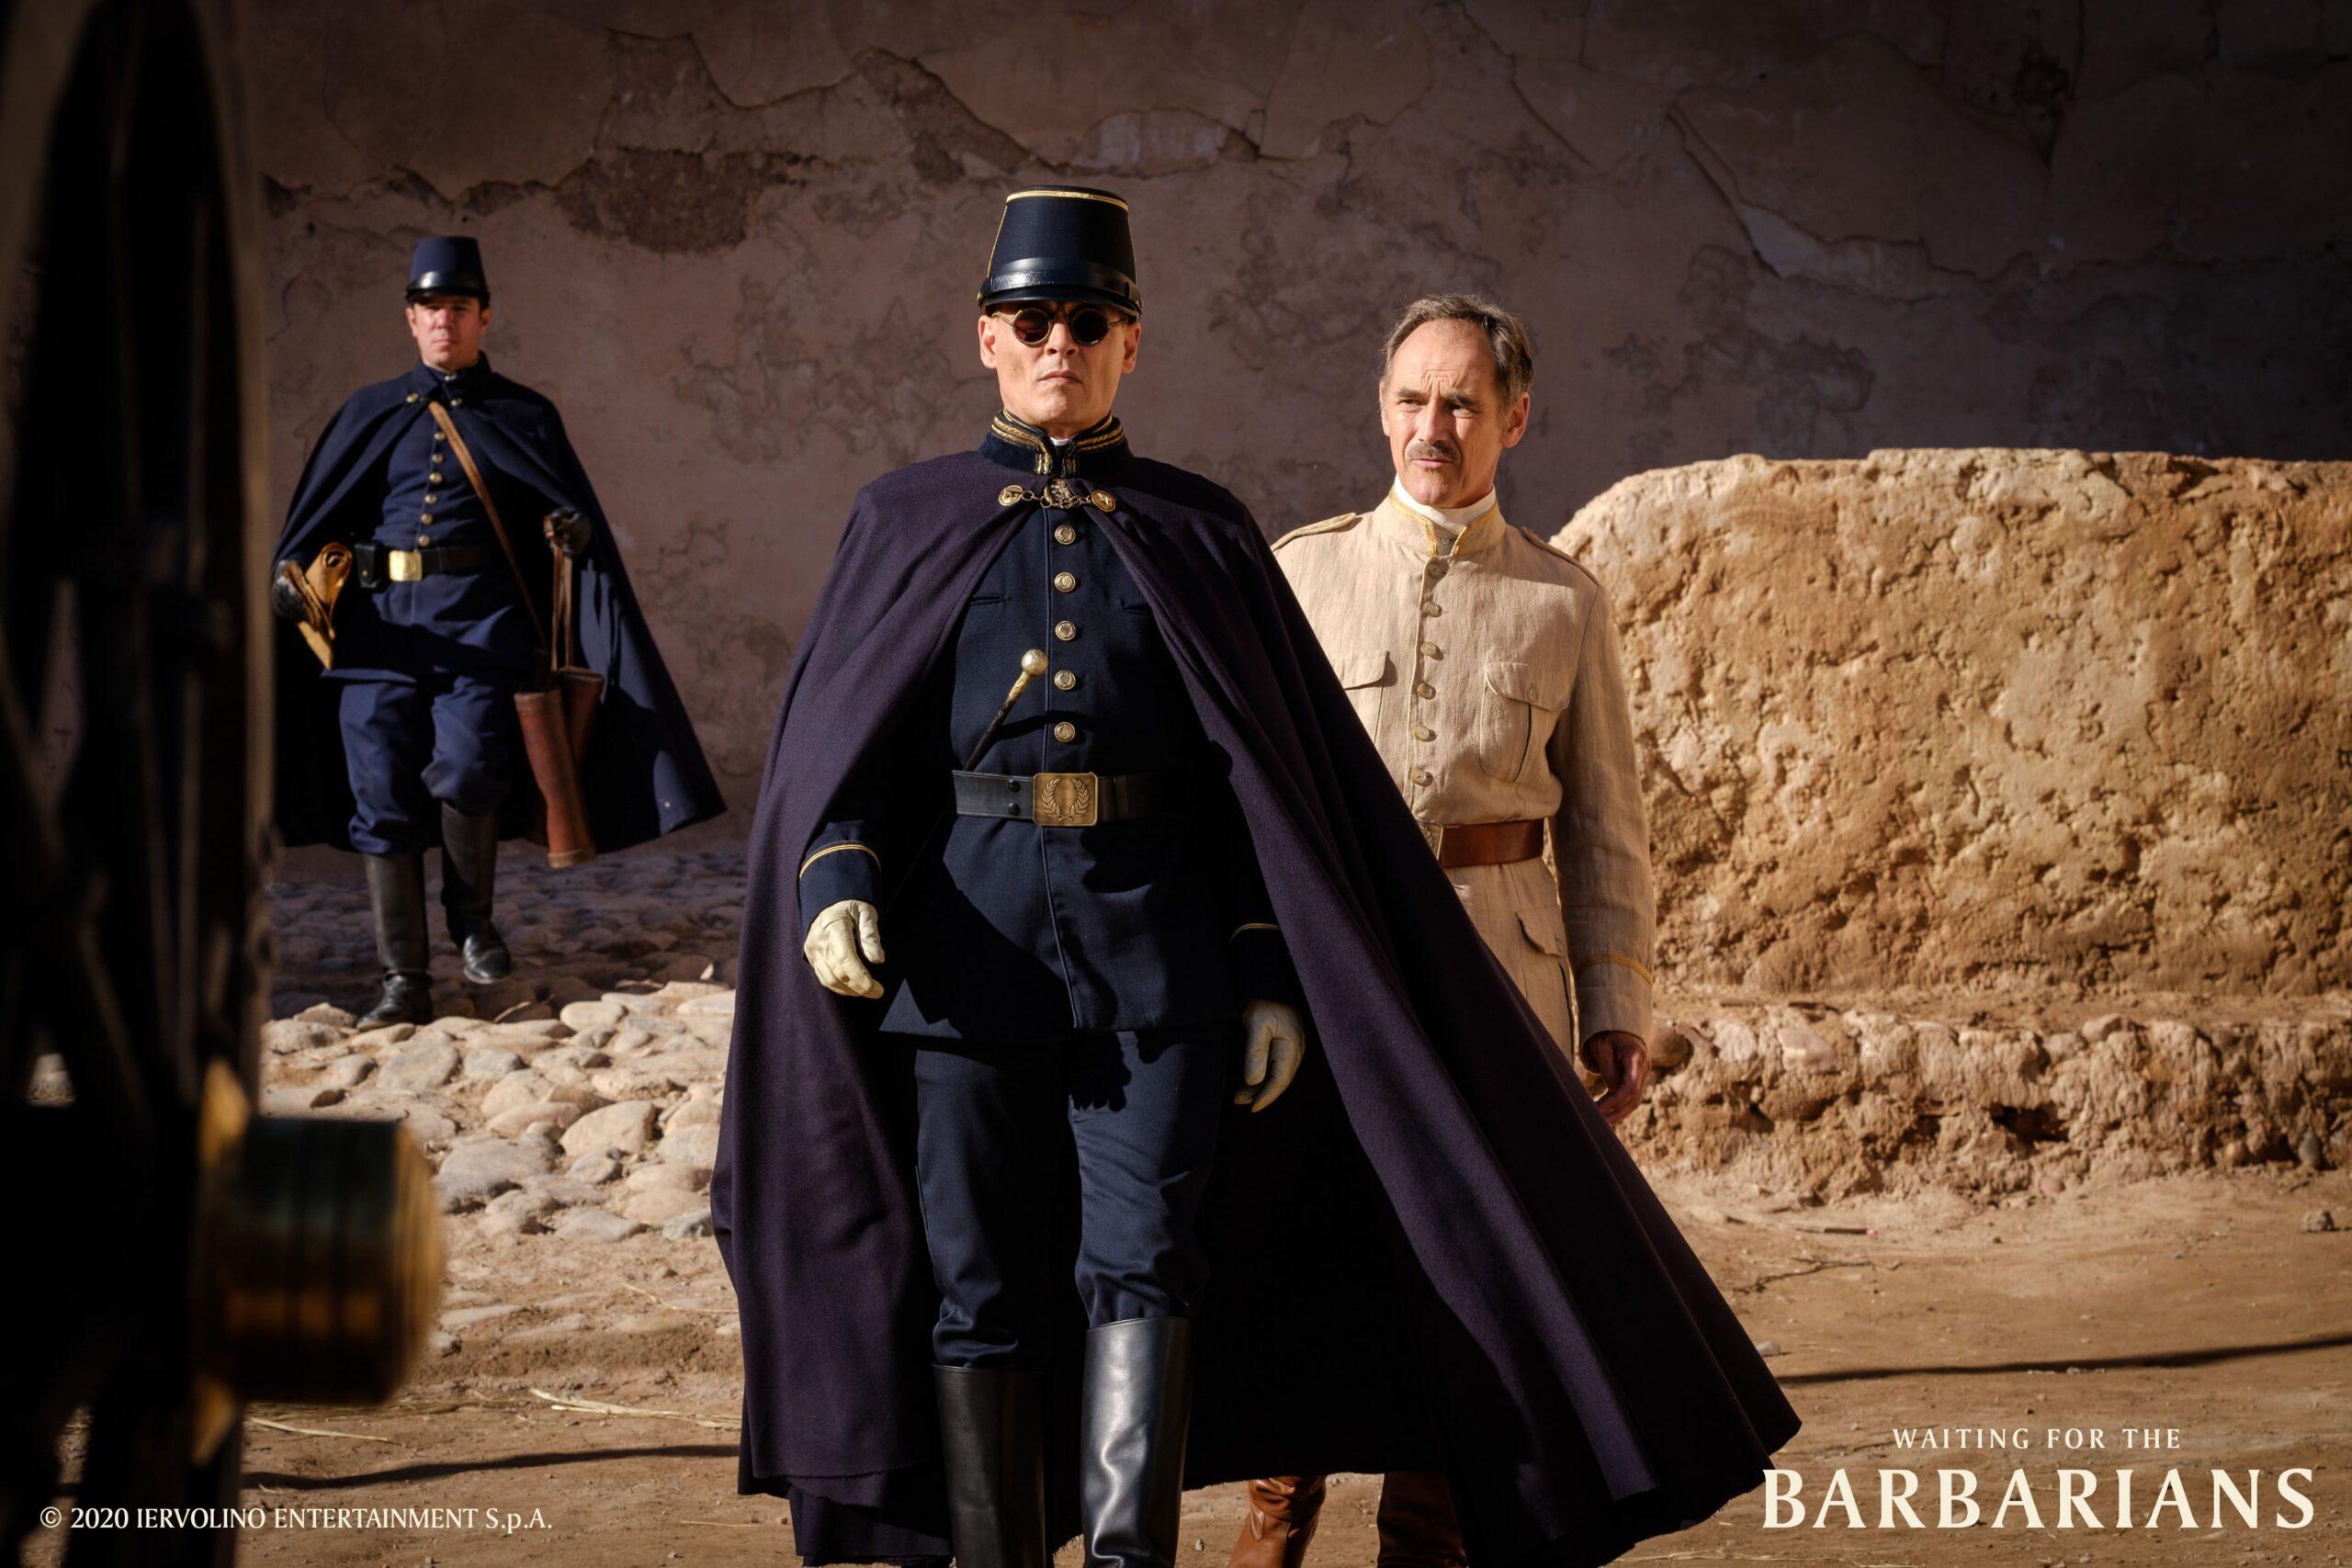 Waiting for the Barbarians: Il nuovo film con Johnny Depp e Robert Pattinson, al cinema dal 24 settembre